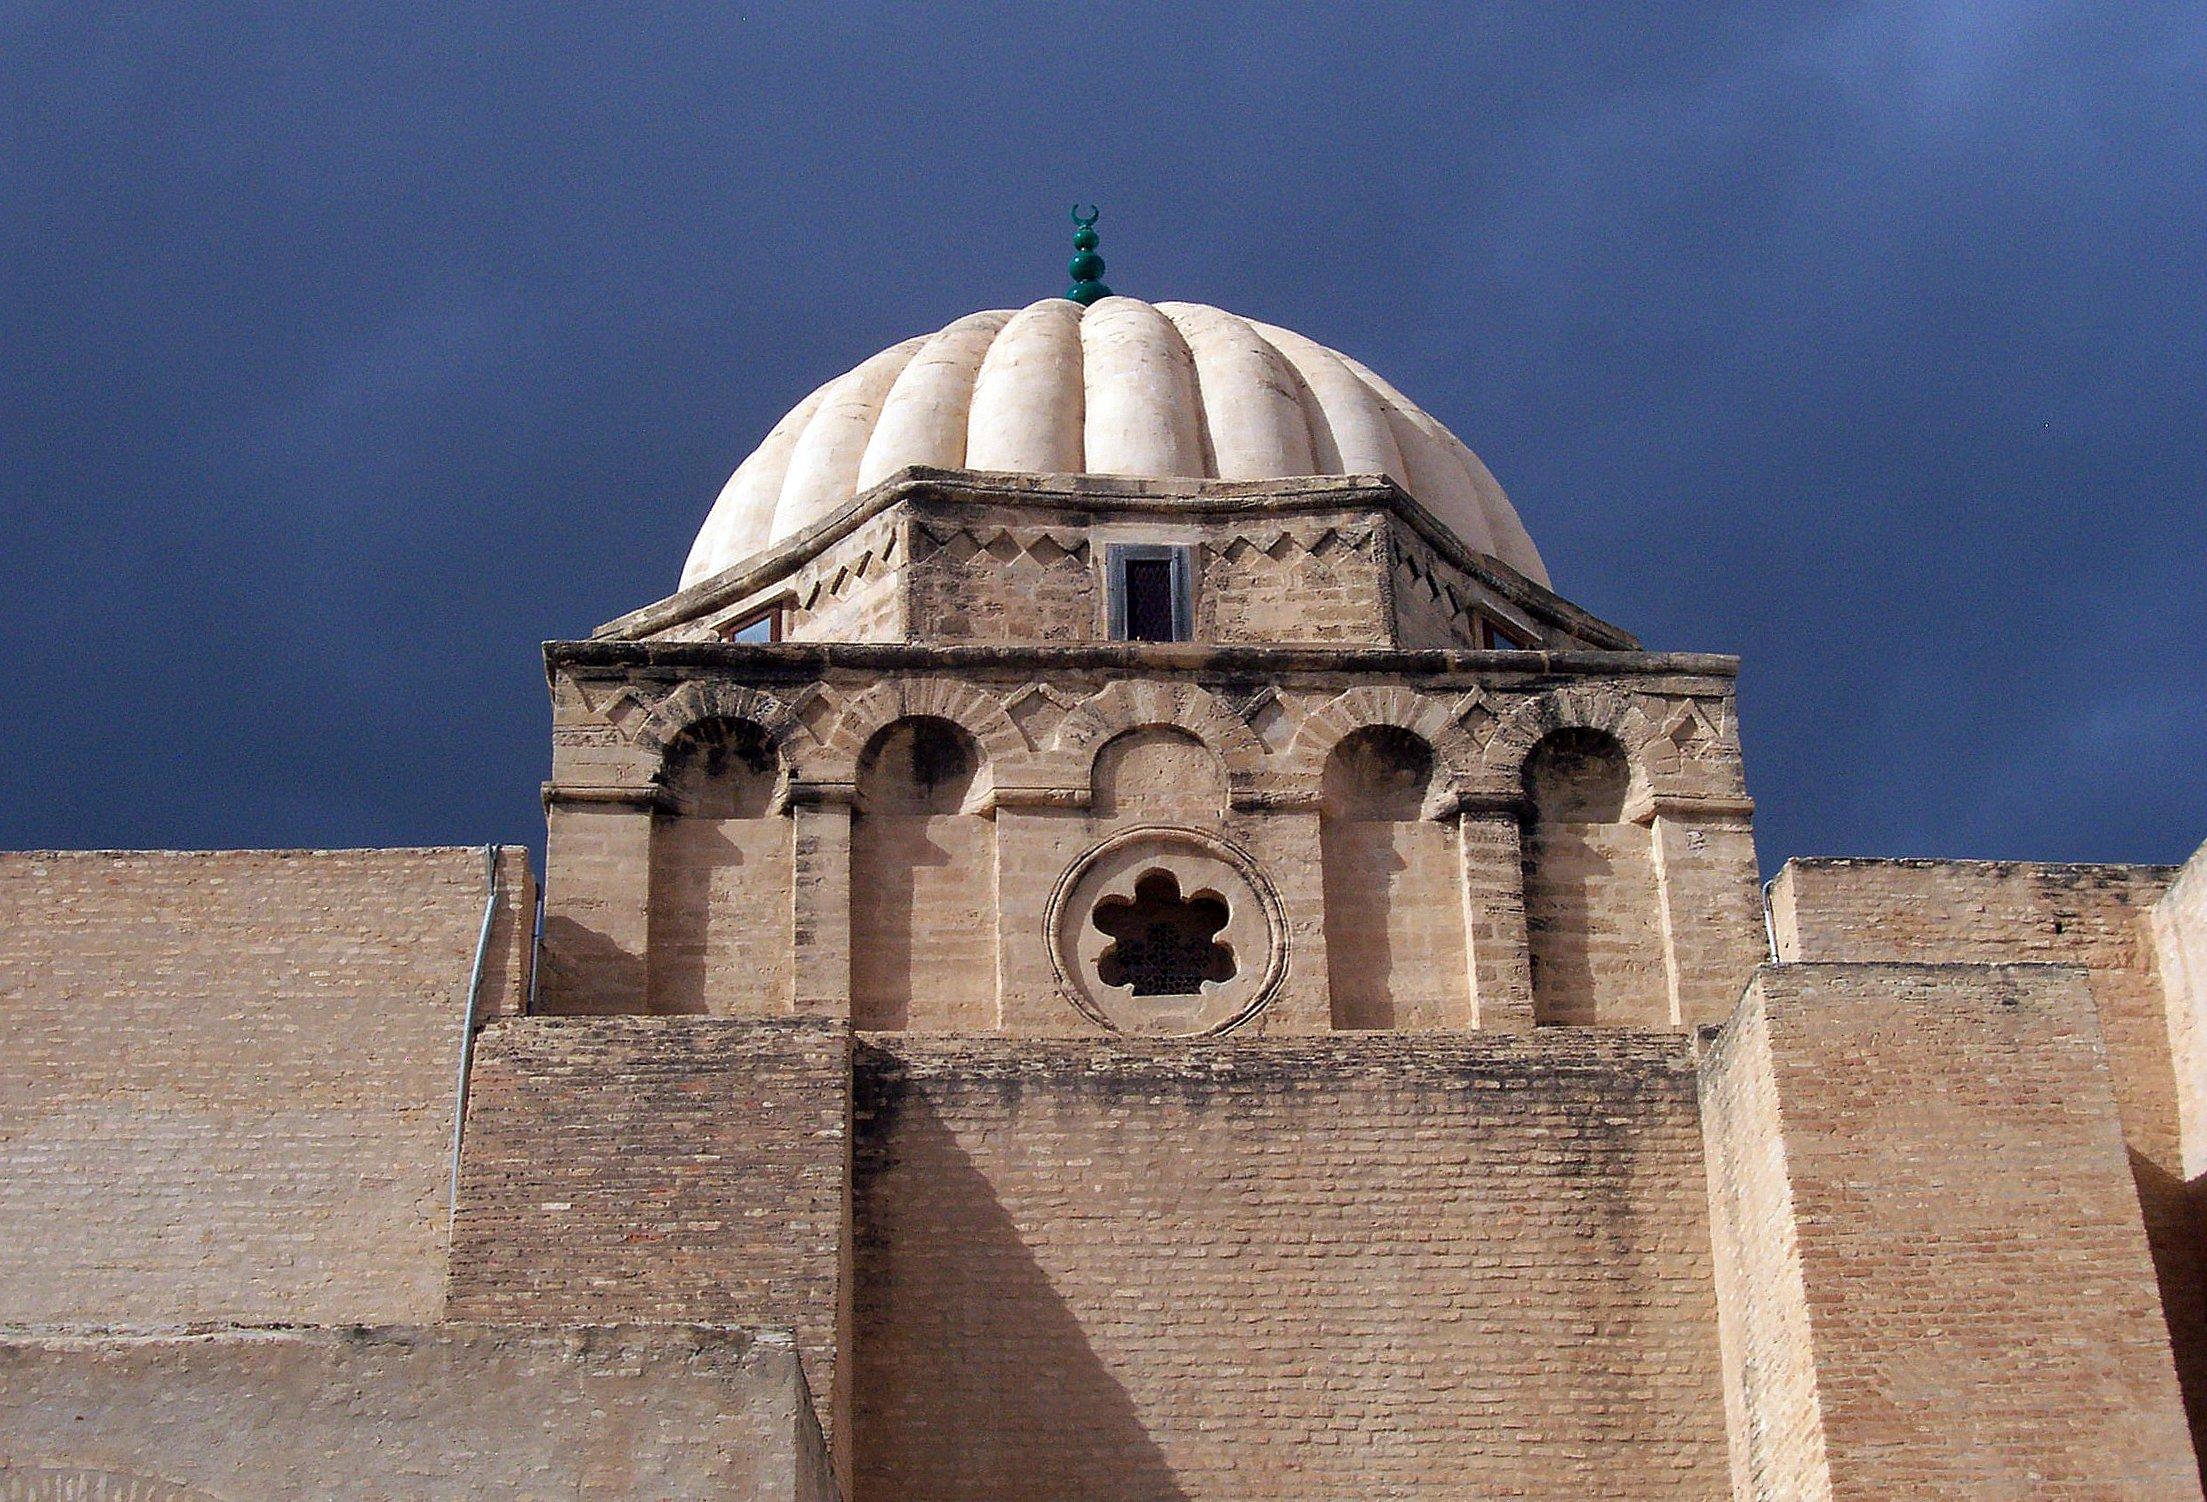 Kairouan Mosque Wiki File:kairouan Mosque Cupola